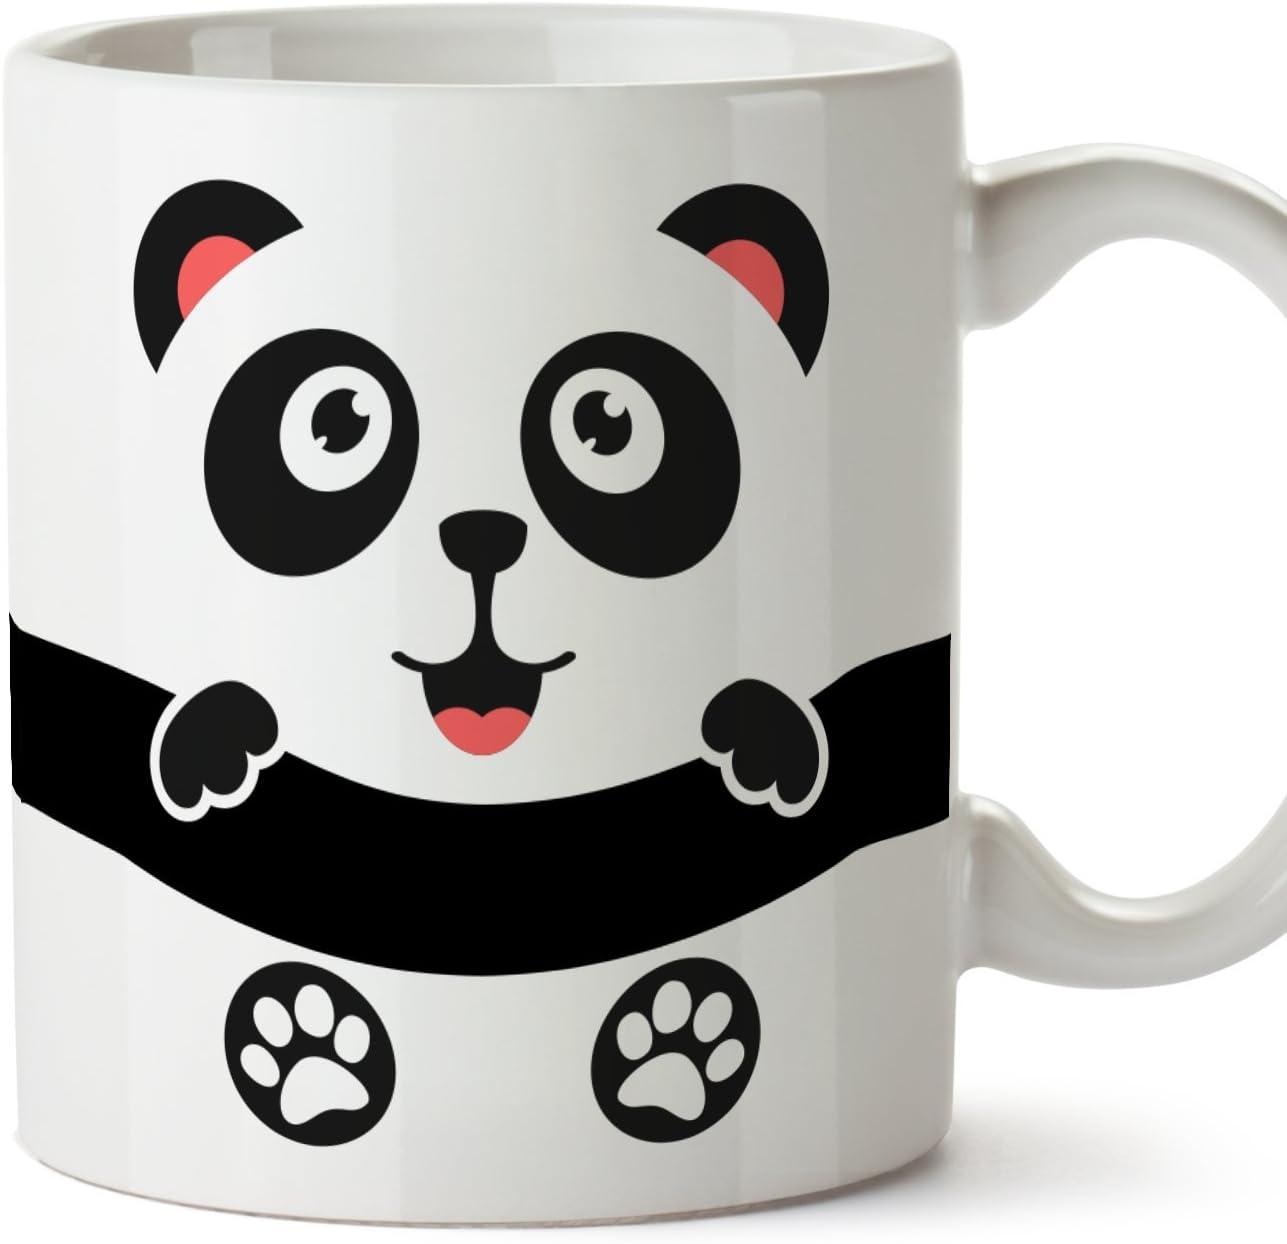 MUGFFINS Oso Panda Tazas Originales de Desayuno - Animales Graciosos Ideas para Regalos - Cerámica 350 ml: Amazon.es: Hogar